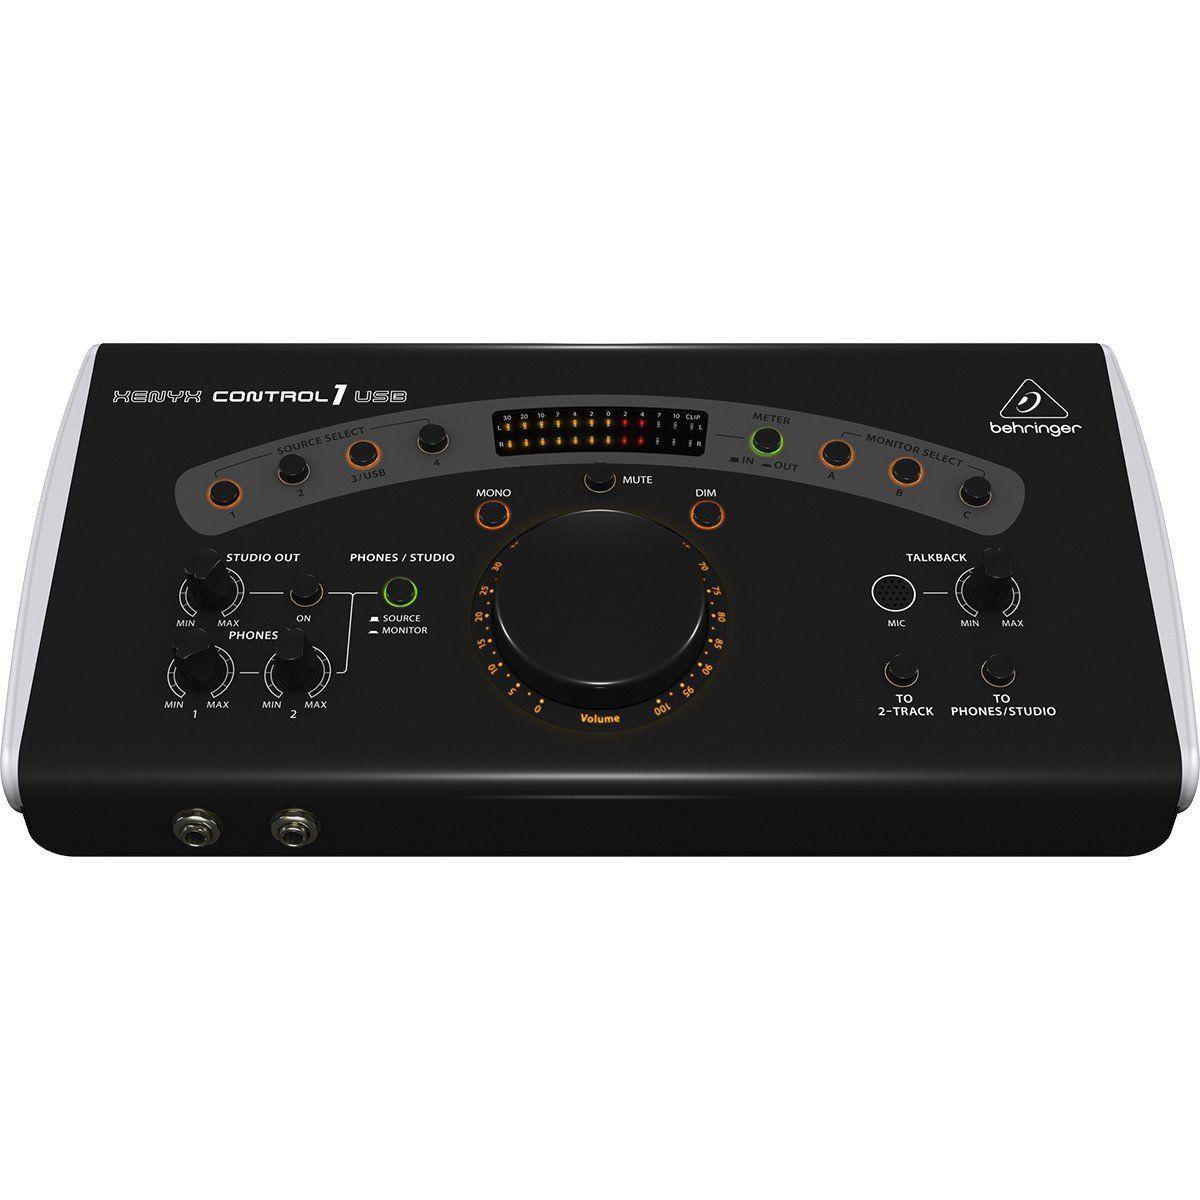 Behringer Xenyx Control1Usb Interface de Áudio Control 1Usb 4x3 Saídas para Monitores